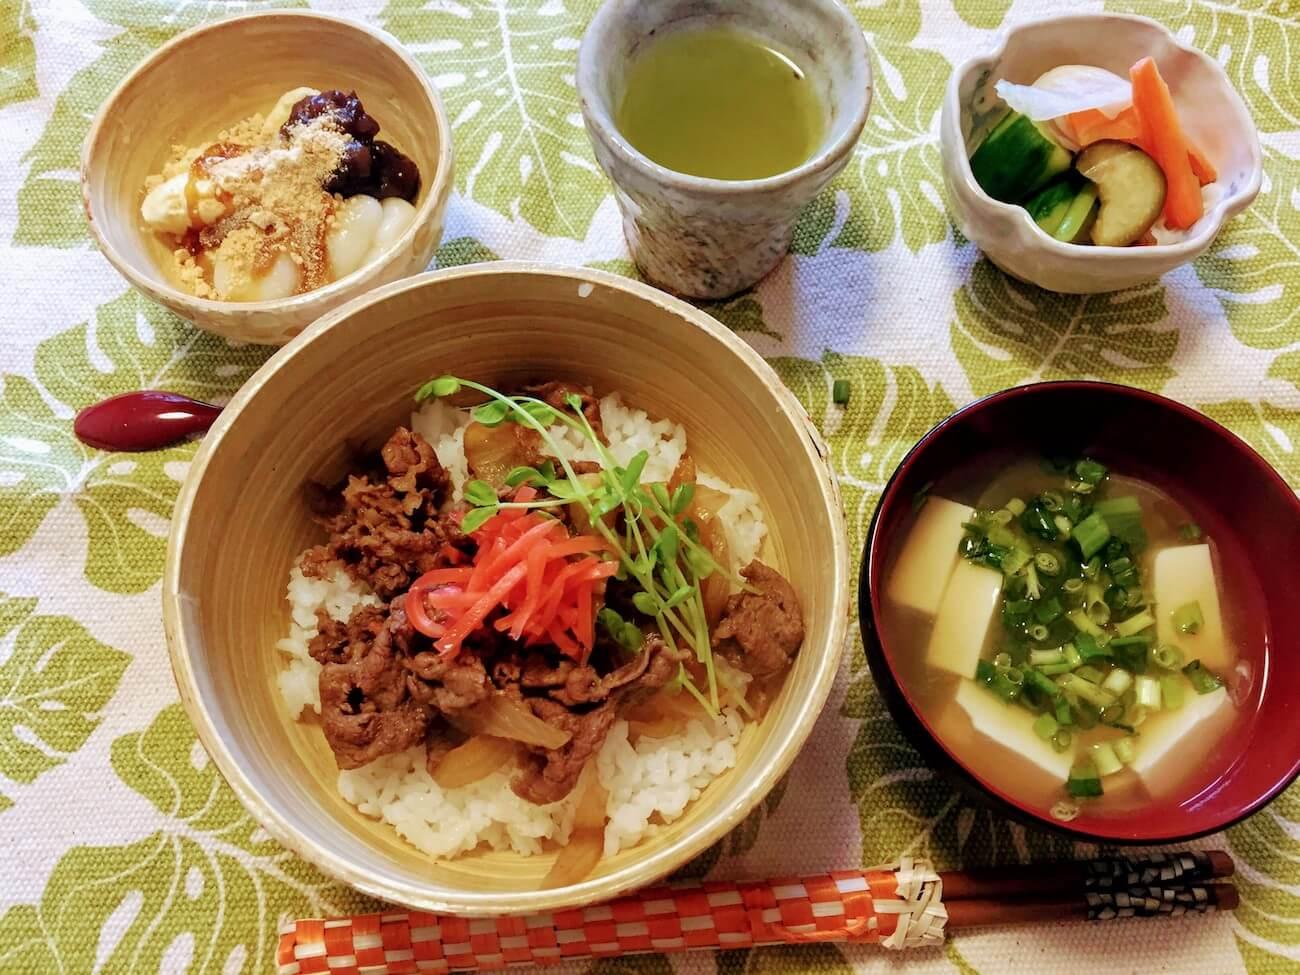 Gyu-don Japanese beef bowl